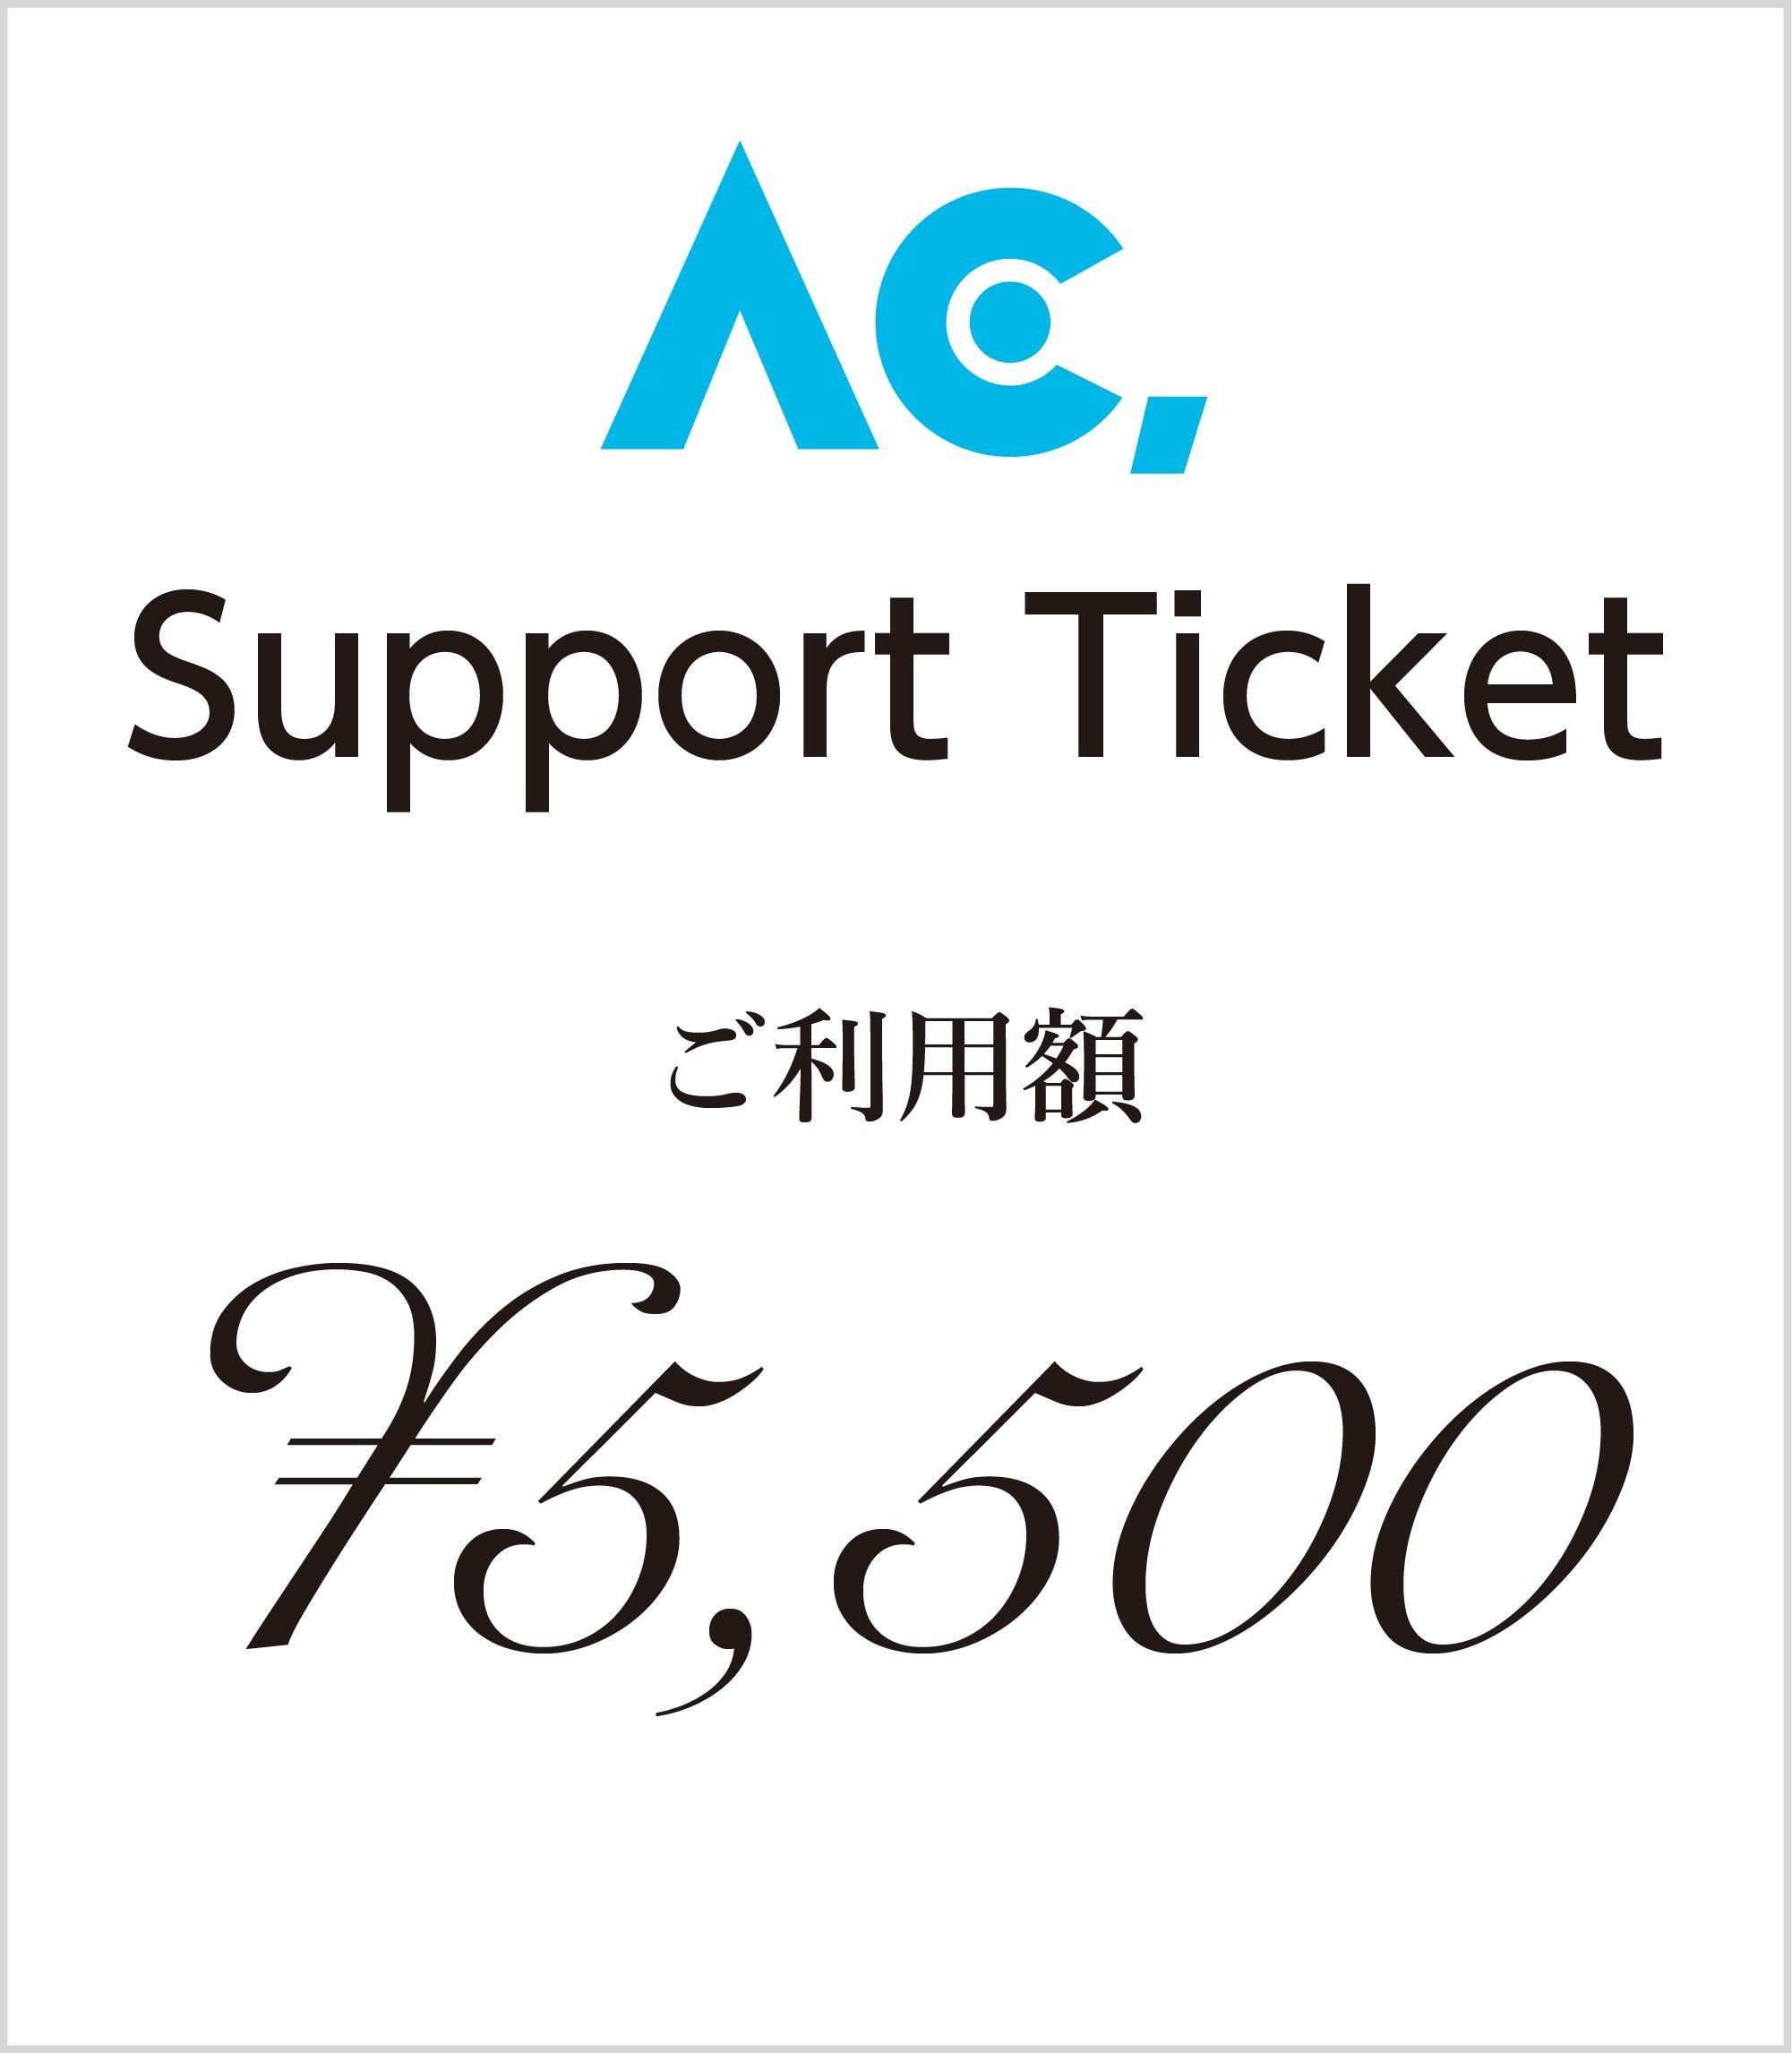 画像1: AC, Support Ticket ご利用額 ¥5,500 (1)